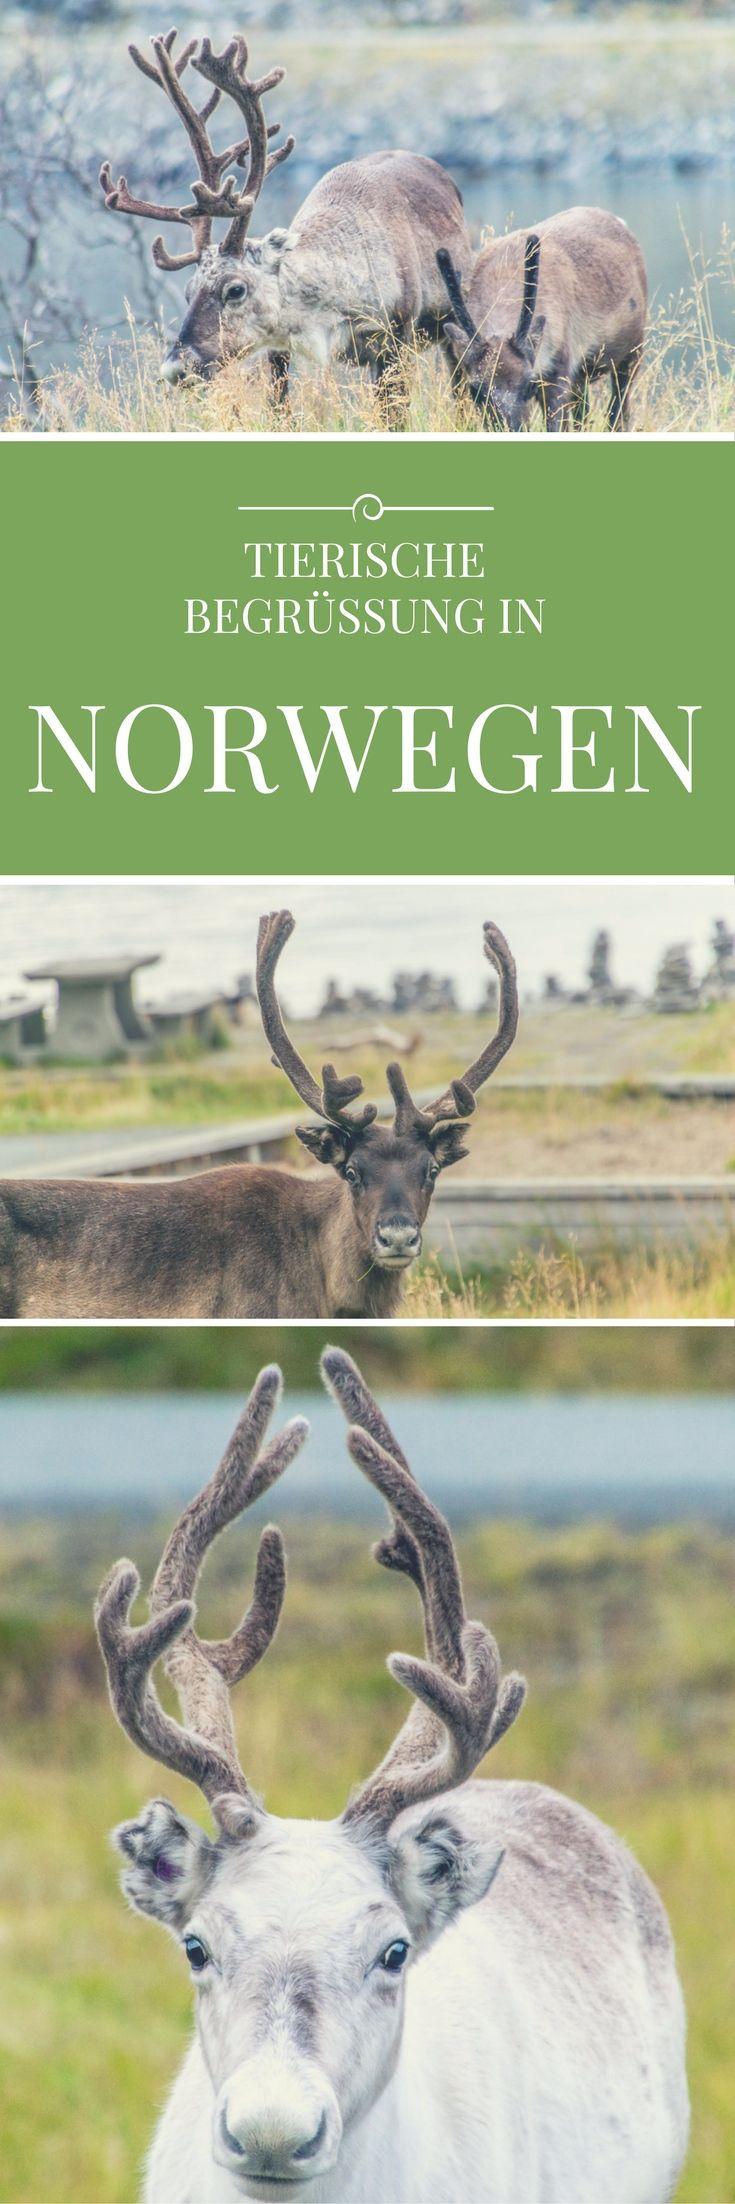 Auf dem Weg zum Nordkap in Norwegen: Morgens am Fjord werde ich von seltsamen Geräuschen geweckt. Eine Herde schnuckeliger Rentiere ist zu Besuch! Ein wunderschöner Moment und ein Highlight meiner Reise durch Skandinavien!